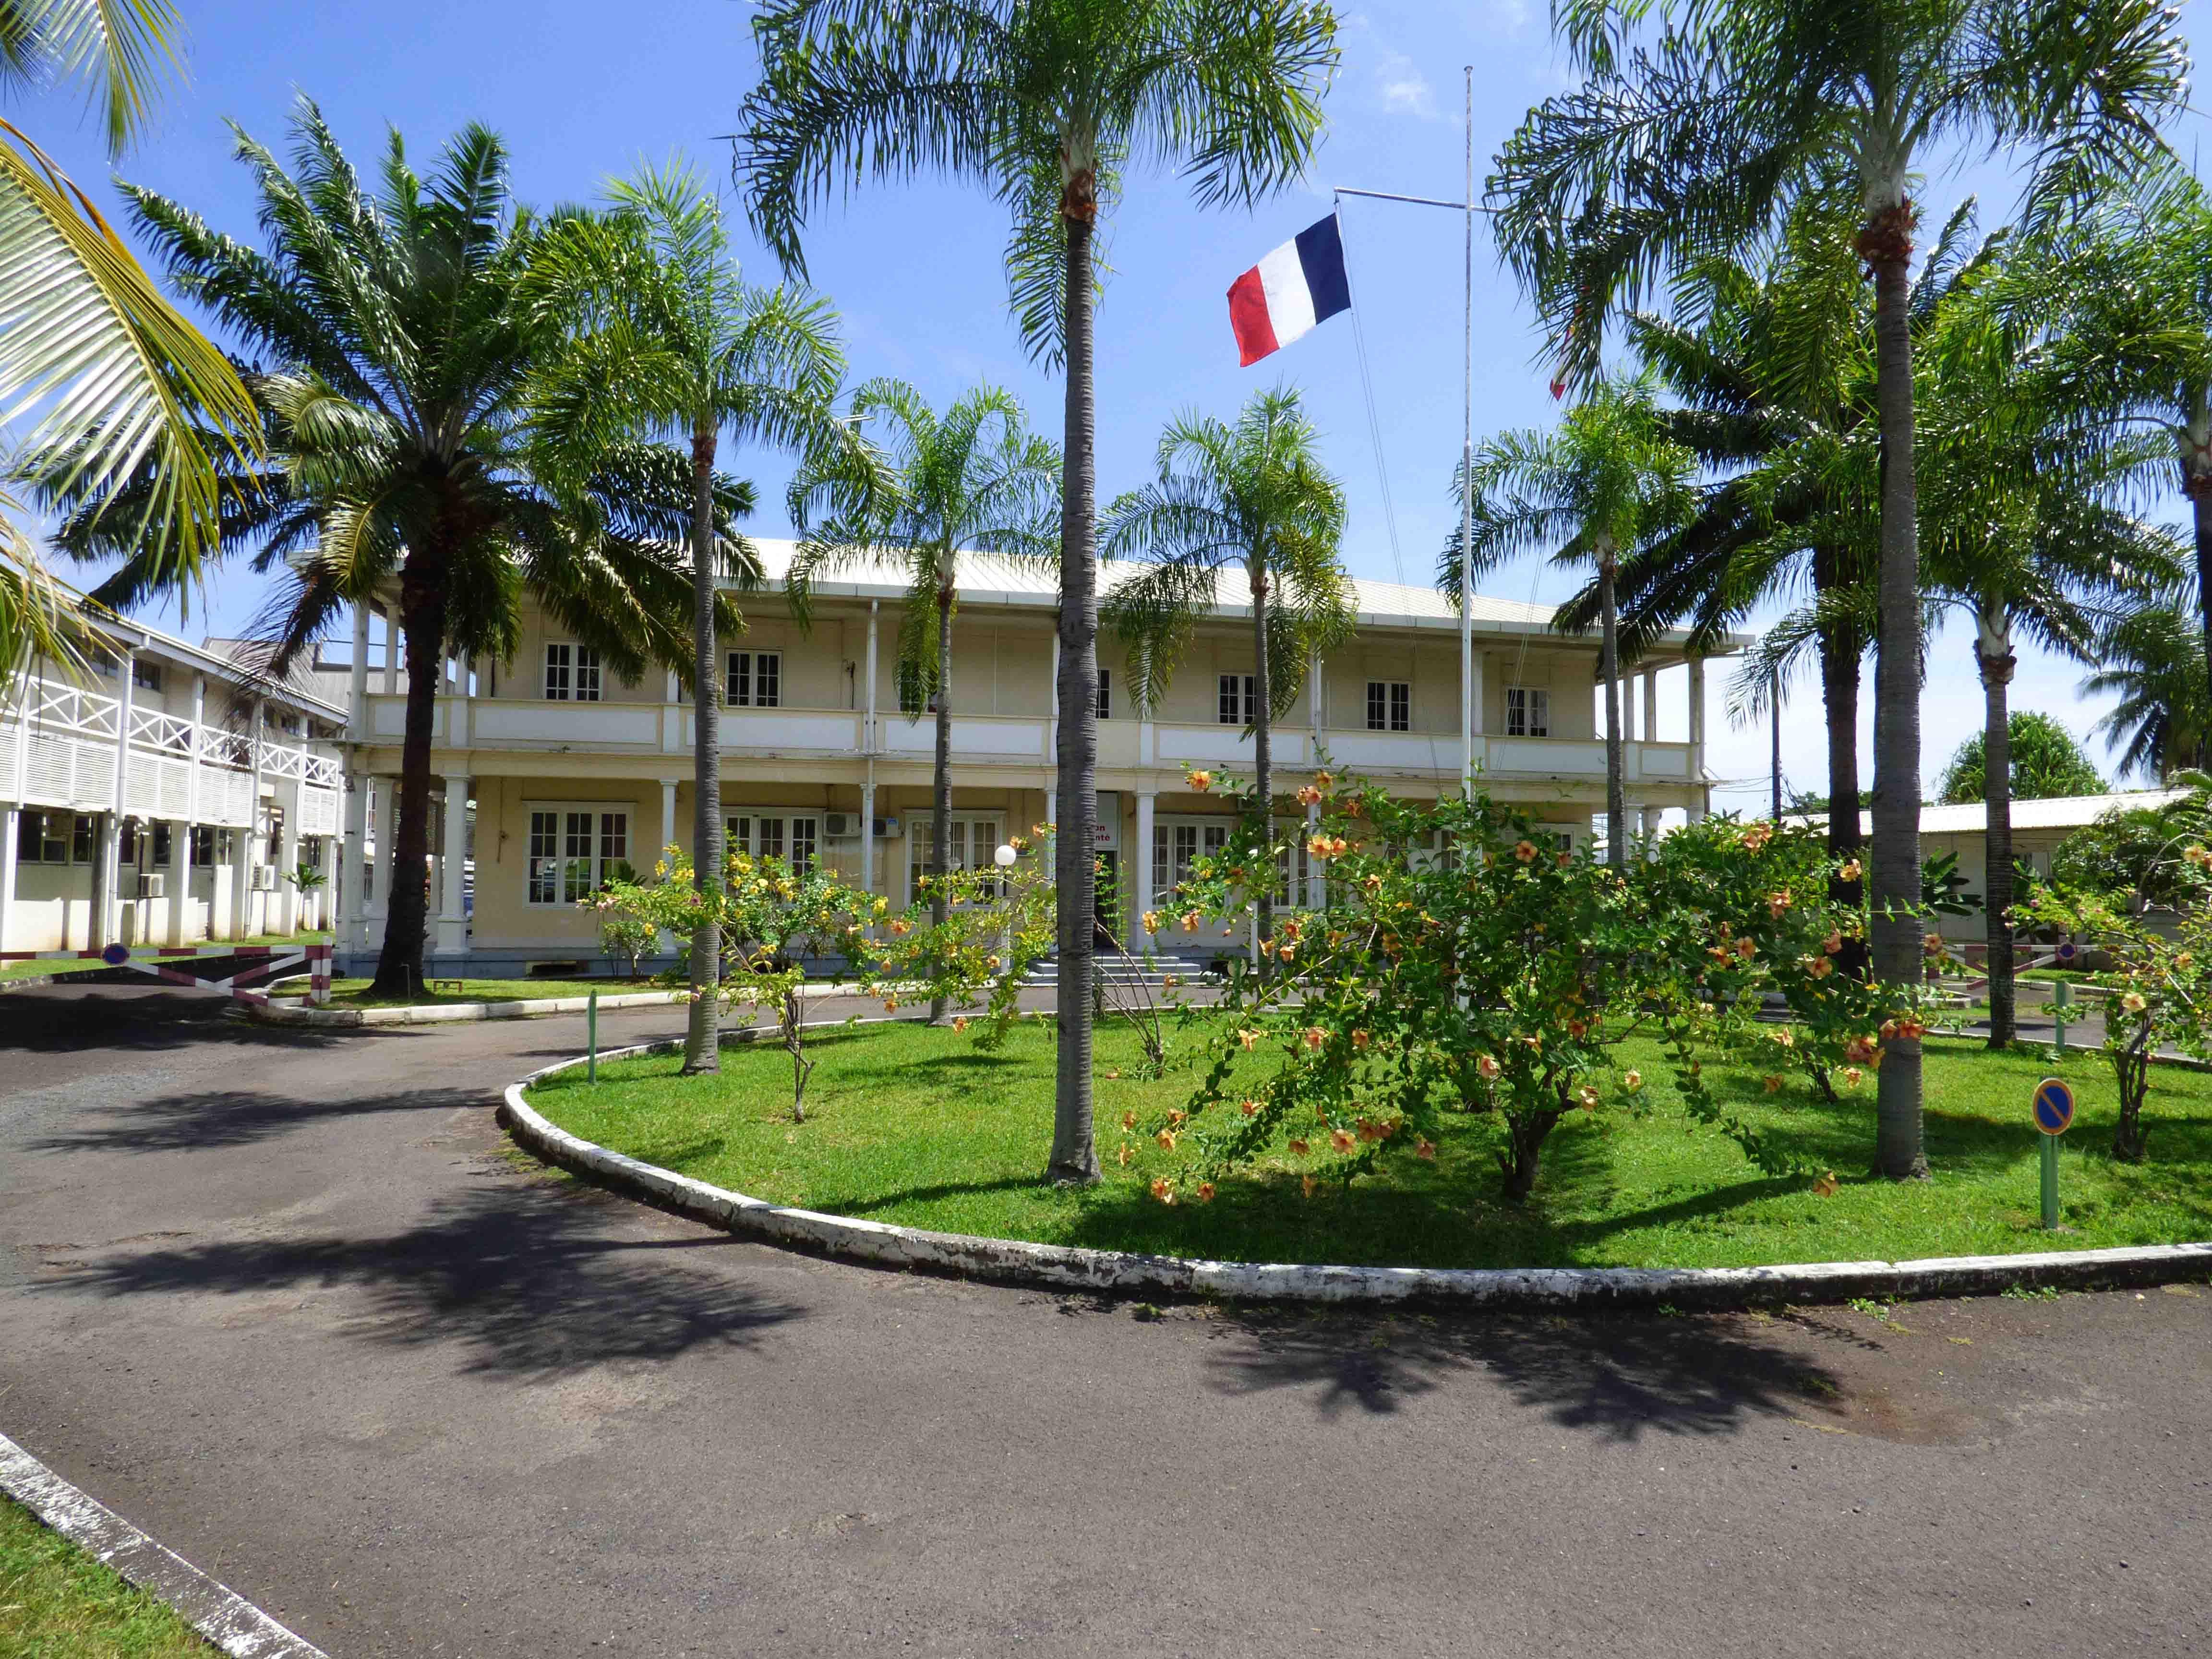 Excursion Papeete. Recherche à travers l'excursion unique de Papeete, d'une partie de l'histoire de la ville.